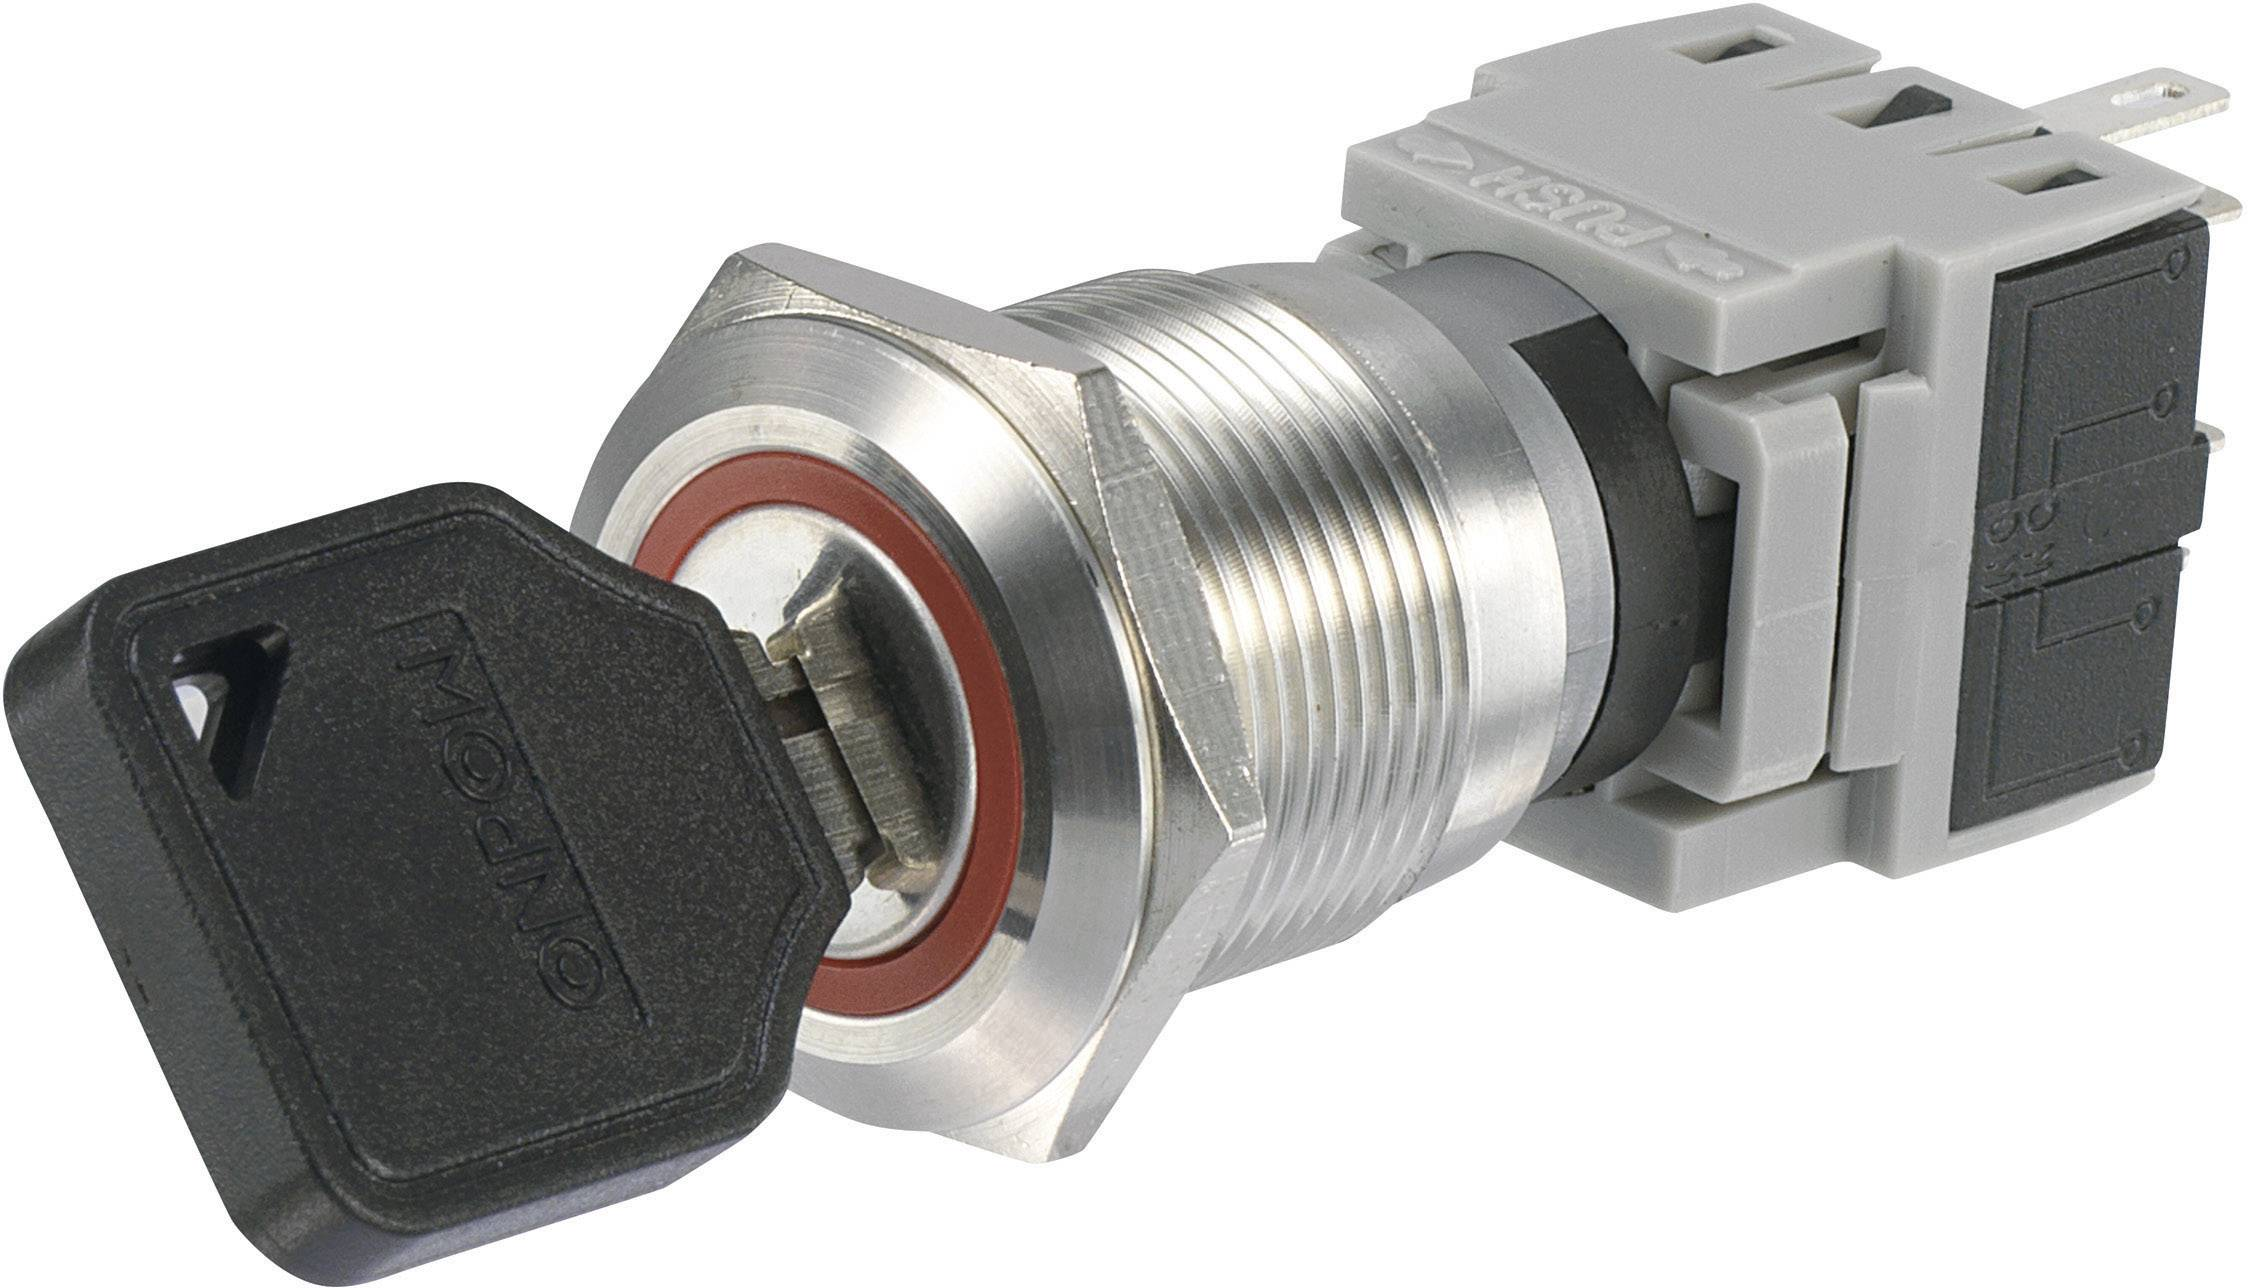 Kľúčový spínač TRU COMPONENTS LAS1-BGQ-11Y/21 704395, 250 V/AC, 5 A, 1x vyp/zap, 1 x 90 °, IP40, 1 ks